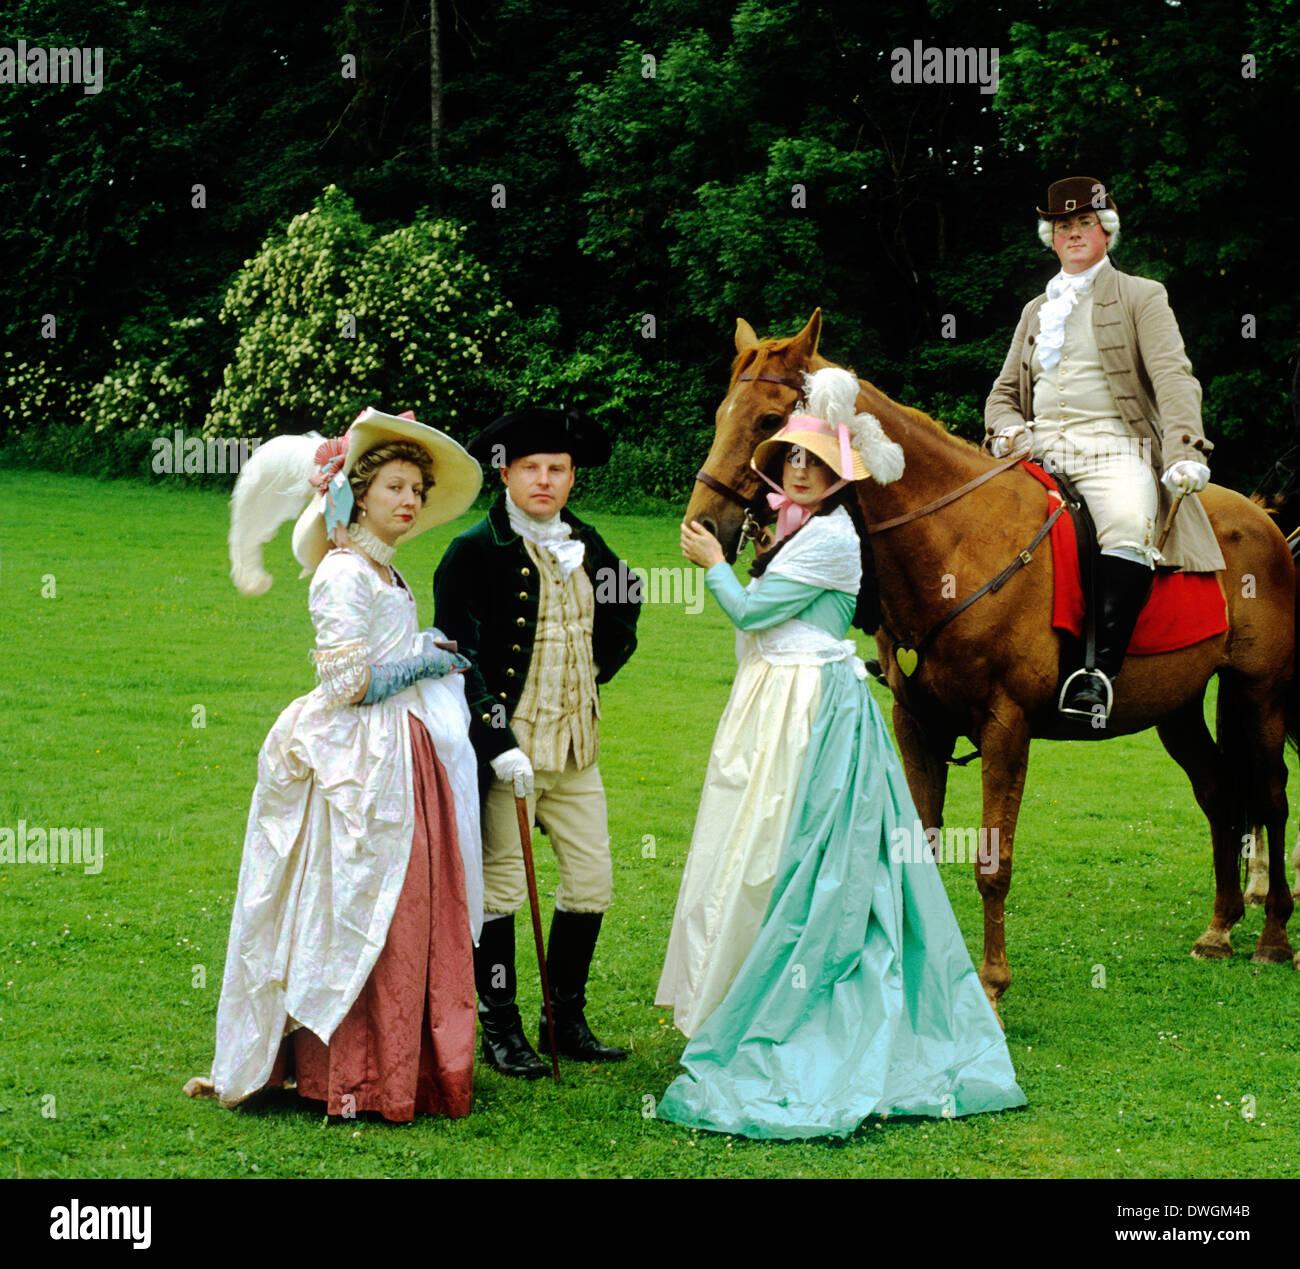 Inglese del xviii secolo Gentry c.1780 nel parco, Wrest Park Bedfordshire, rievocazione storica onorevoli colleghi cavallo costumi costume vestire moda mode England Regno Unito Immagini Stock